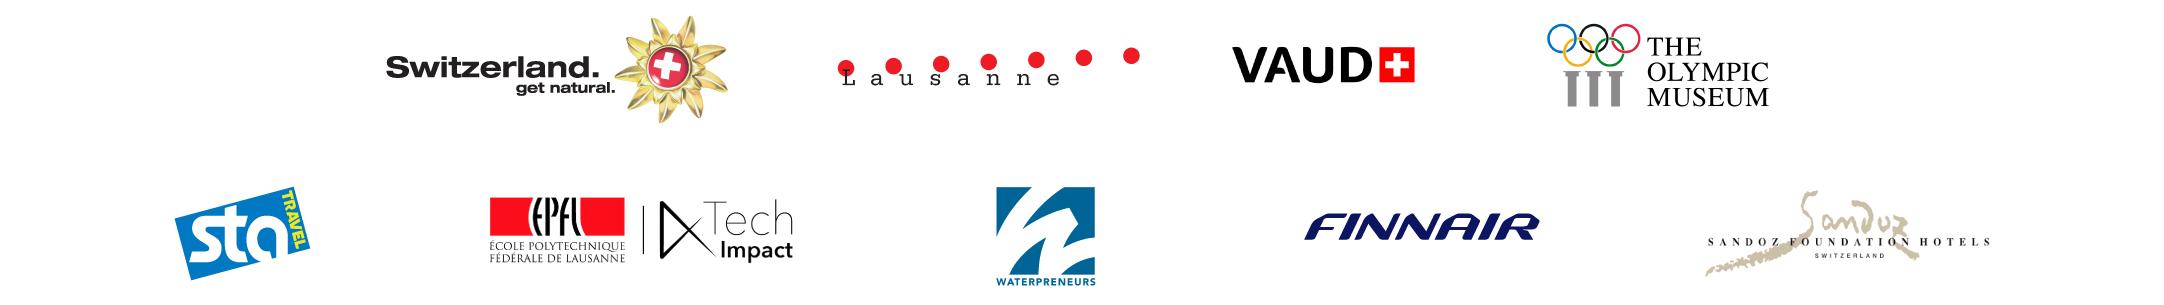 GoodFestival-Logos-Bottom-Website.png